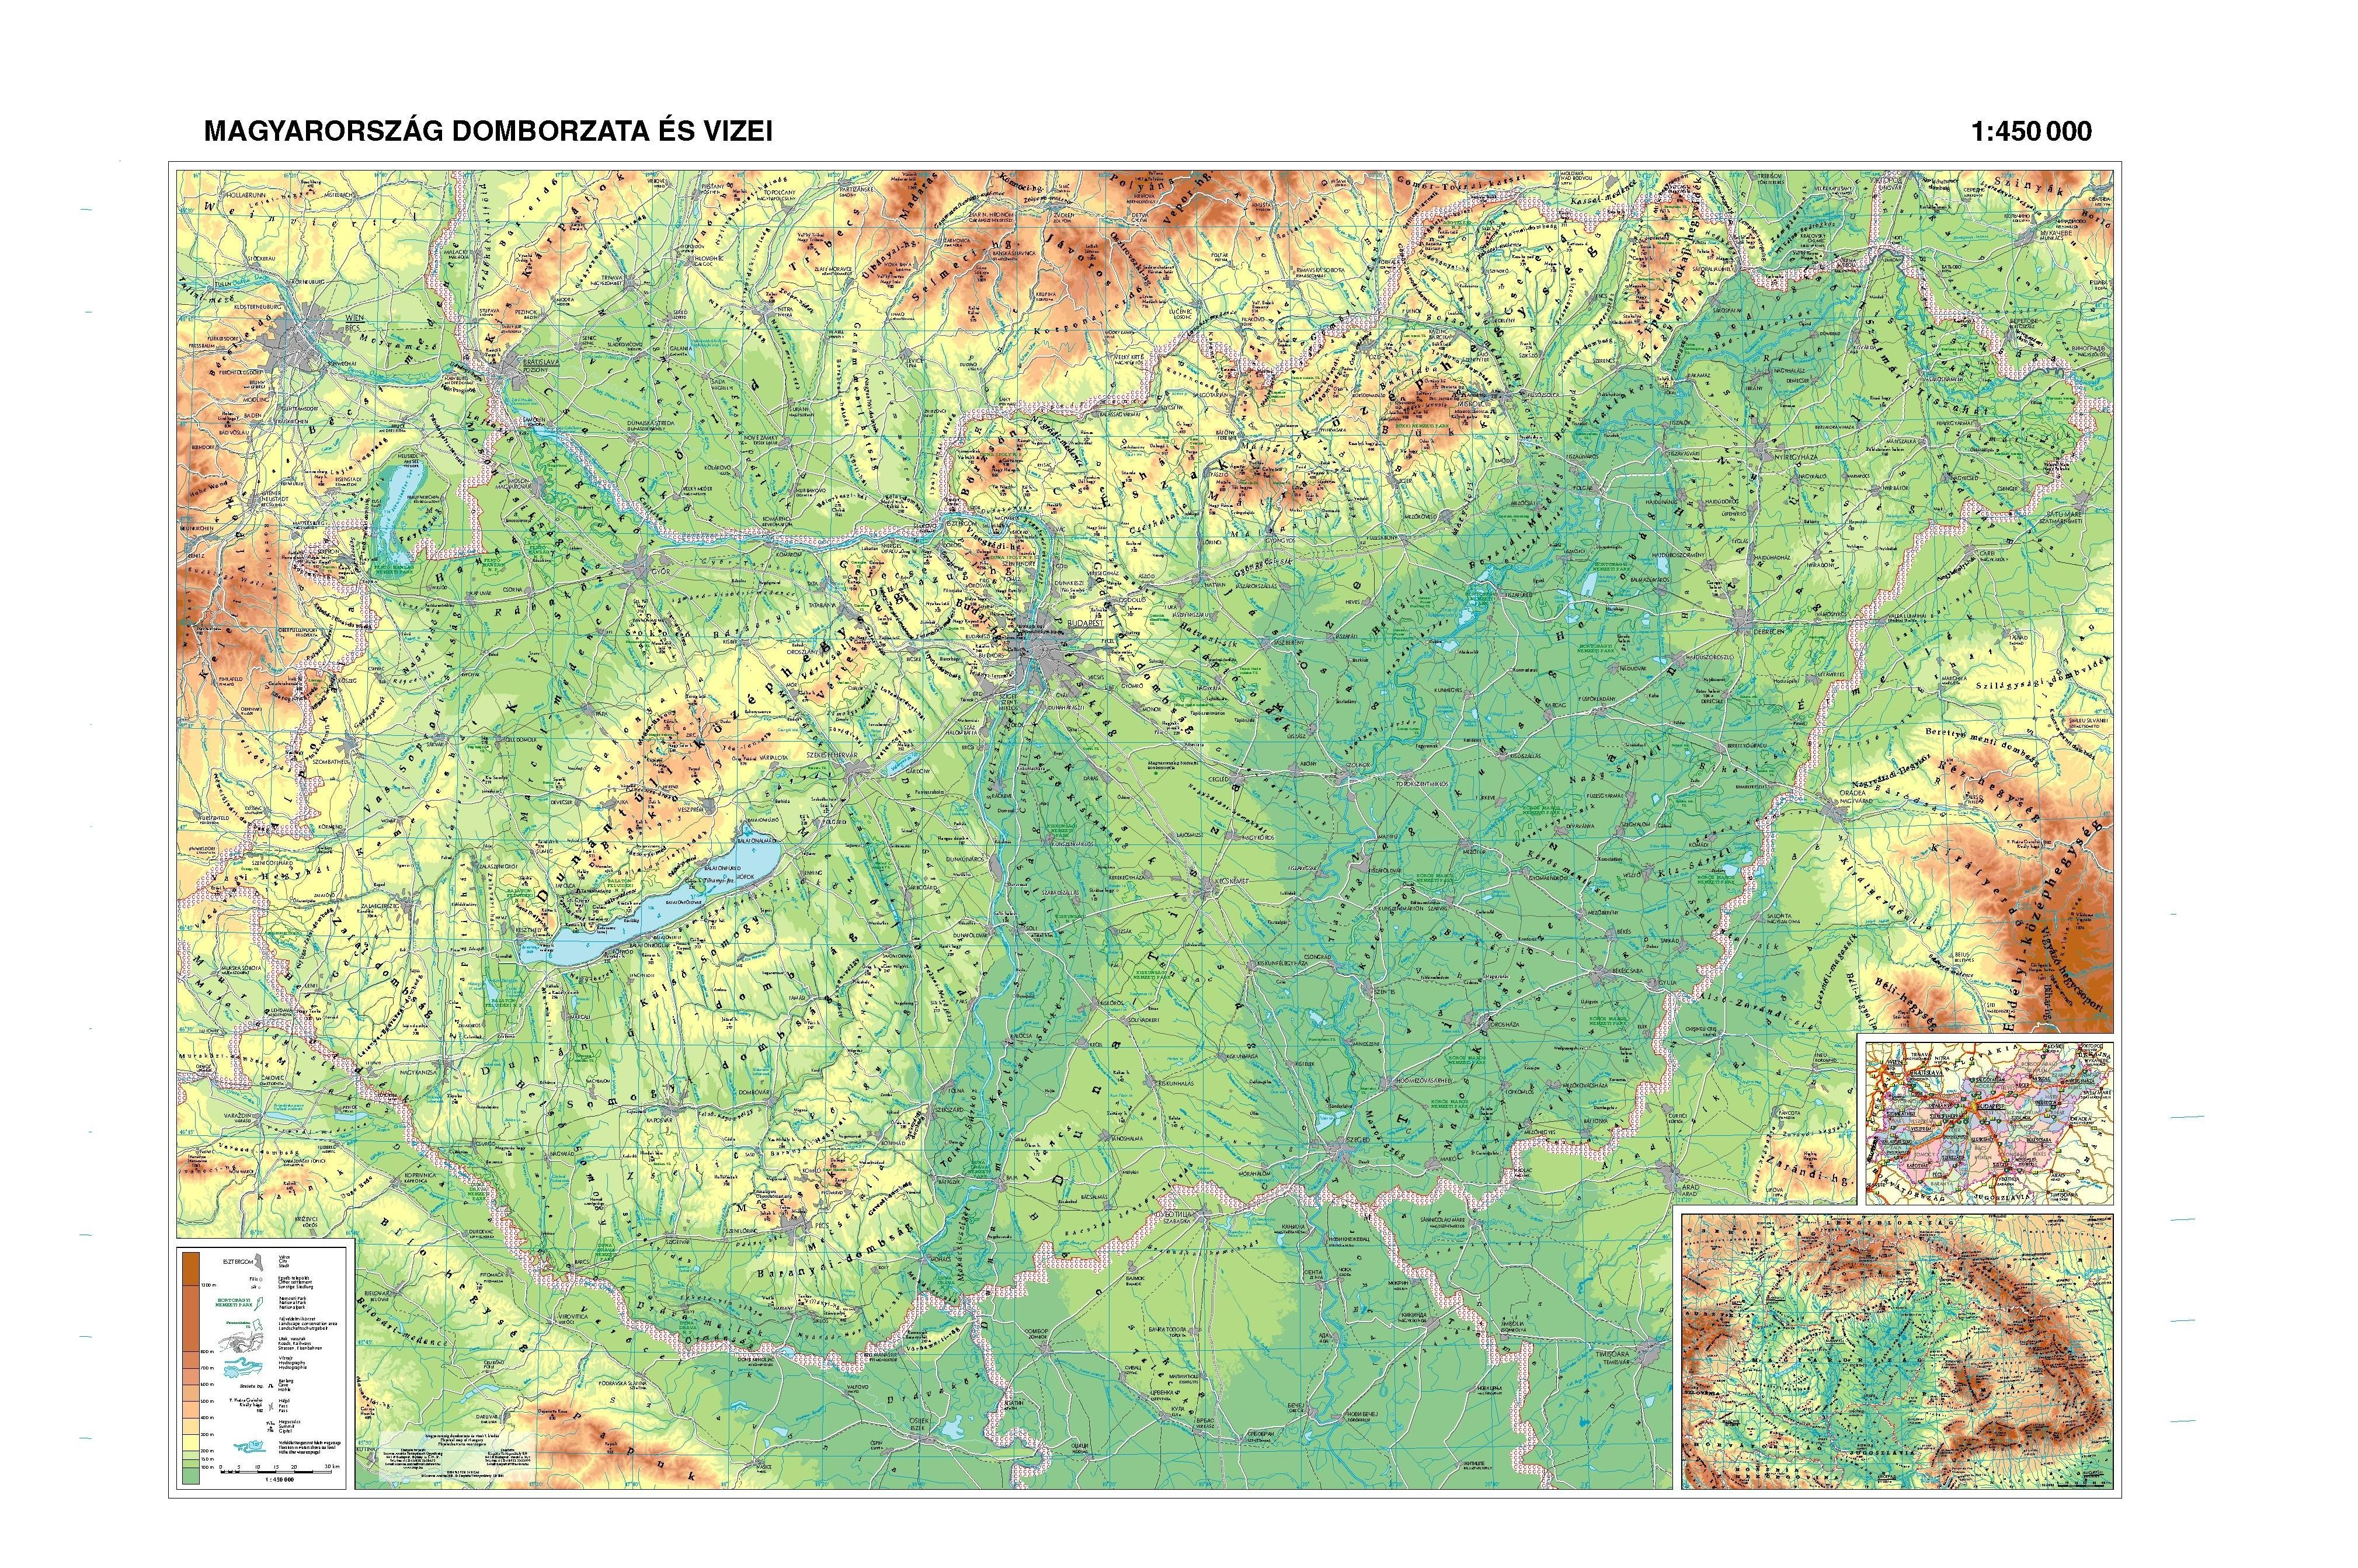 magyarország magassági térkép http://.hibernia.hu/falit/mo_domb. | Környezetismeret  magyarország magassági térkép